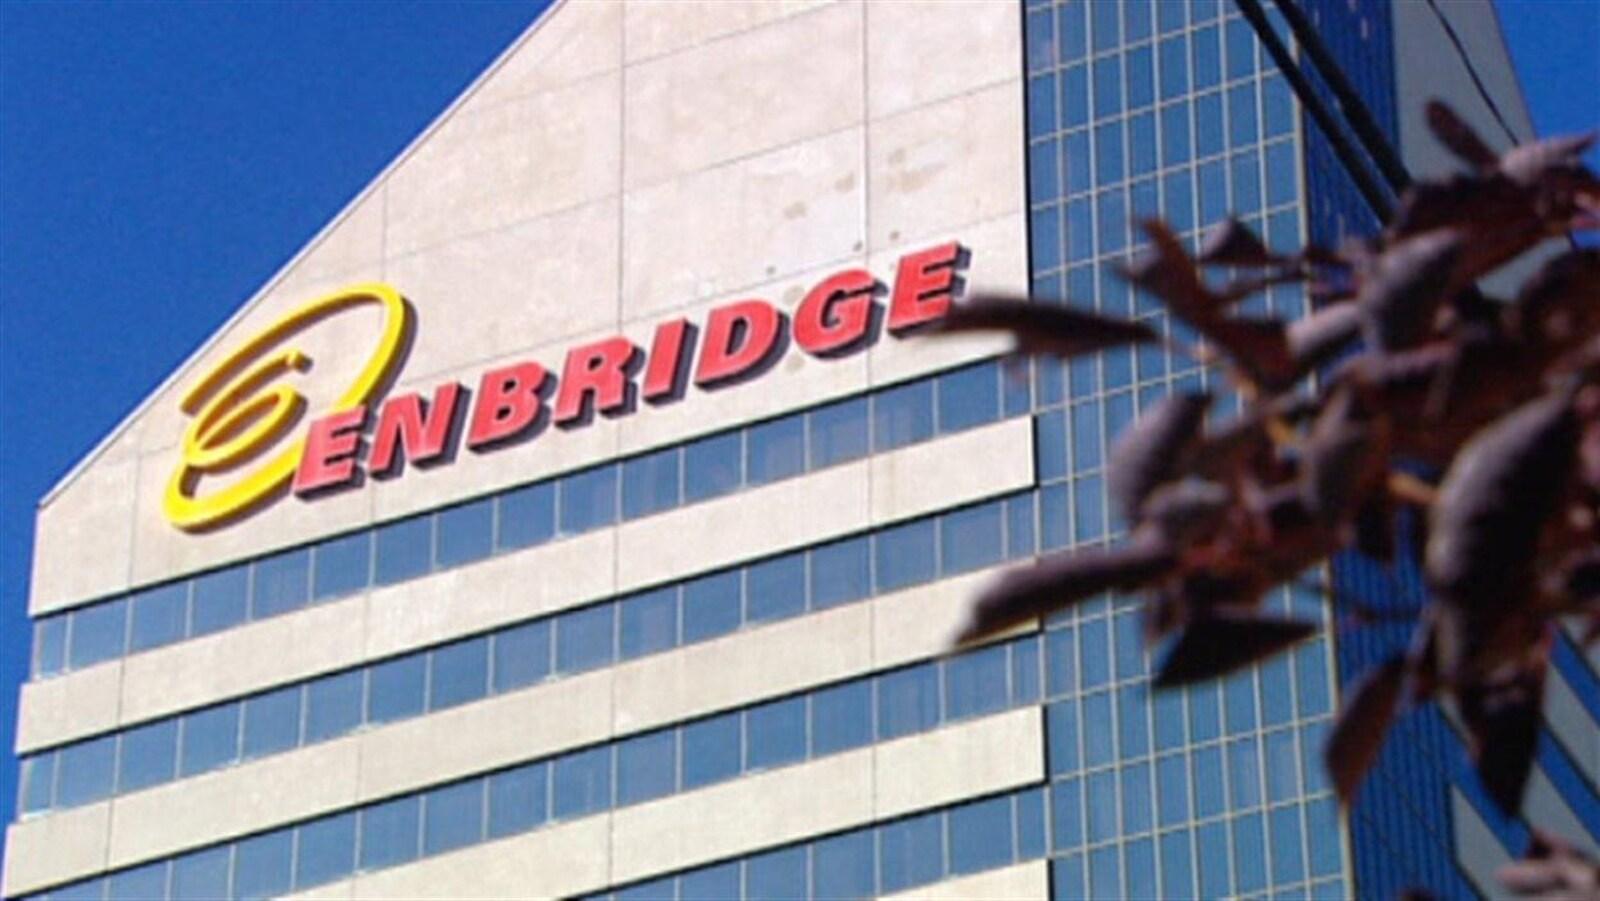 Façade d'un bâtiment de Enbridge avec son logo.